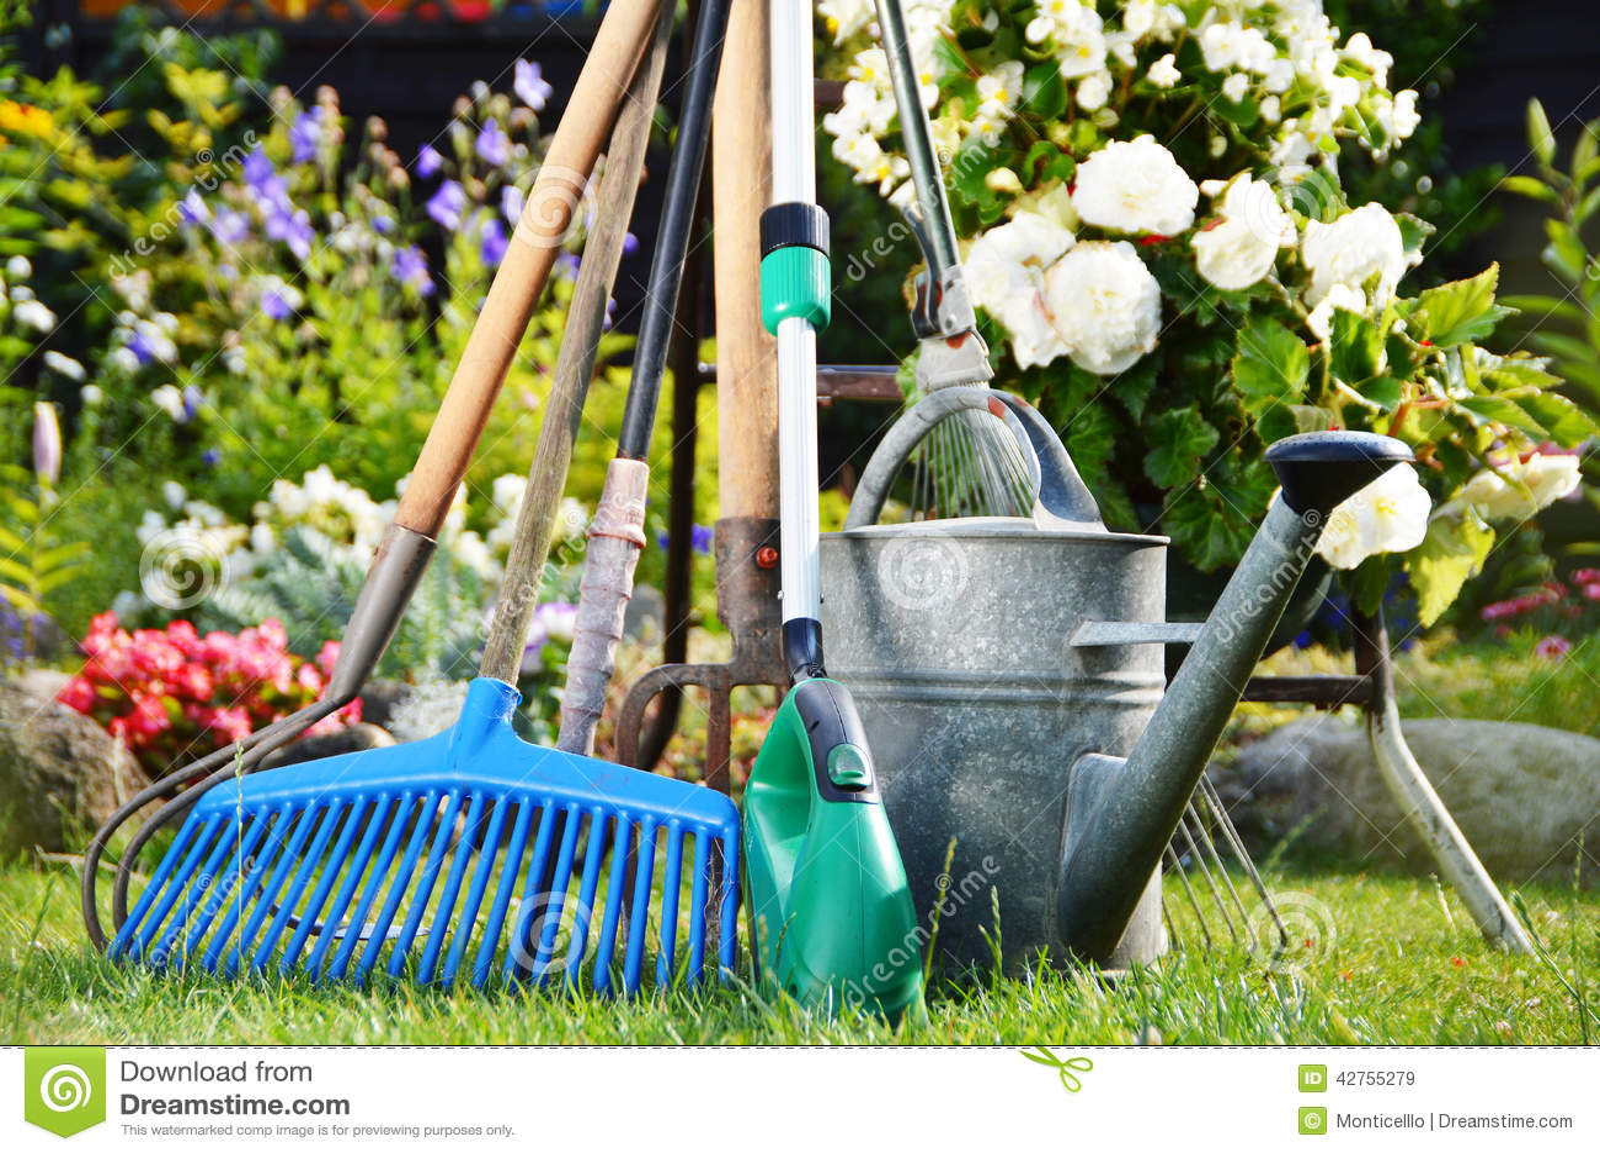 Gießkanne Und Werkzeuge Im Garten Stockbild Bild Von Sommer Dose